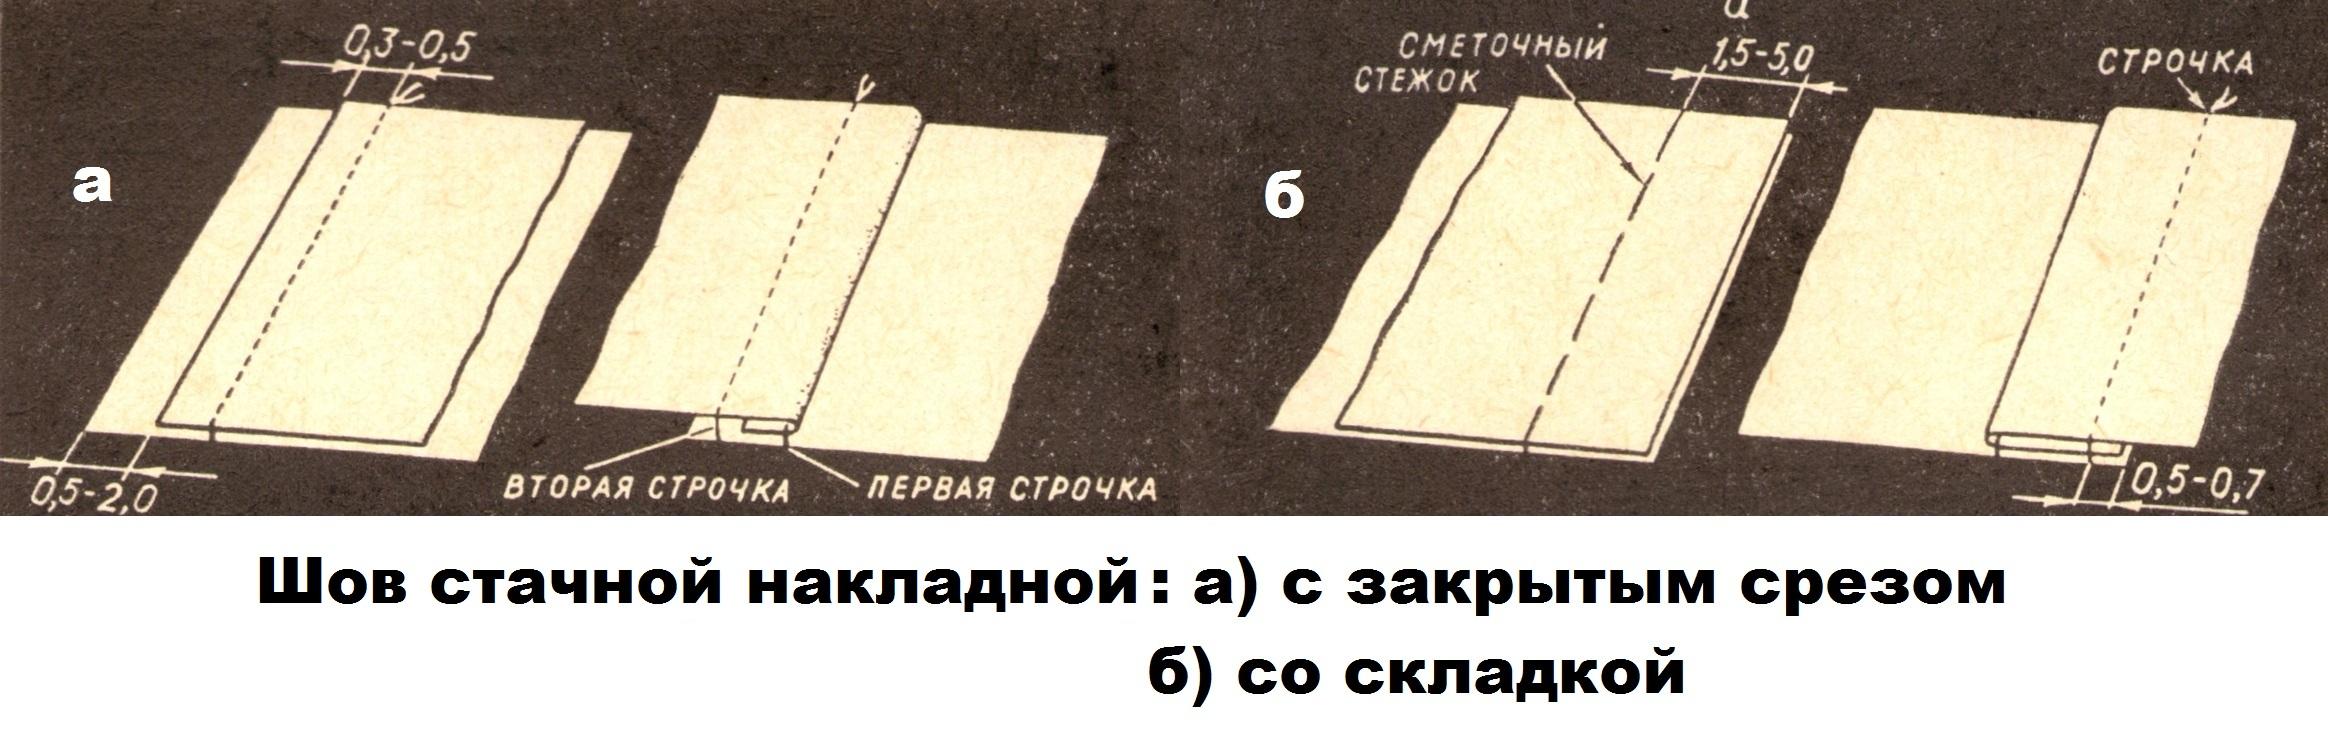 Шов накладной стачной (7)